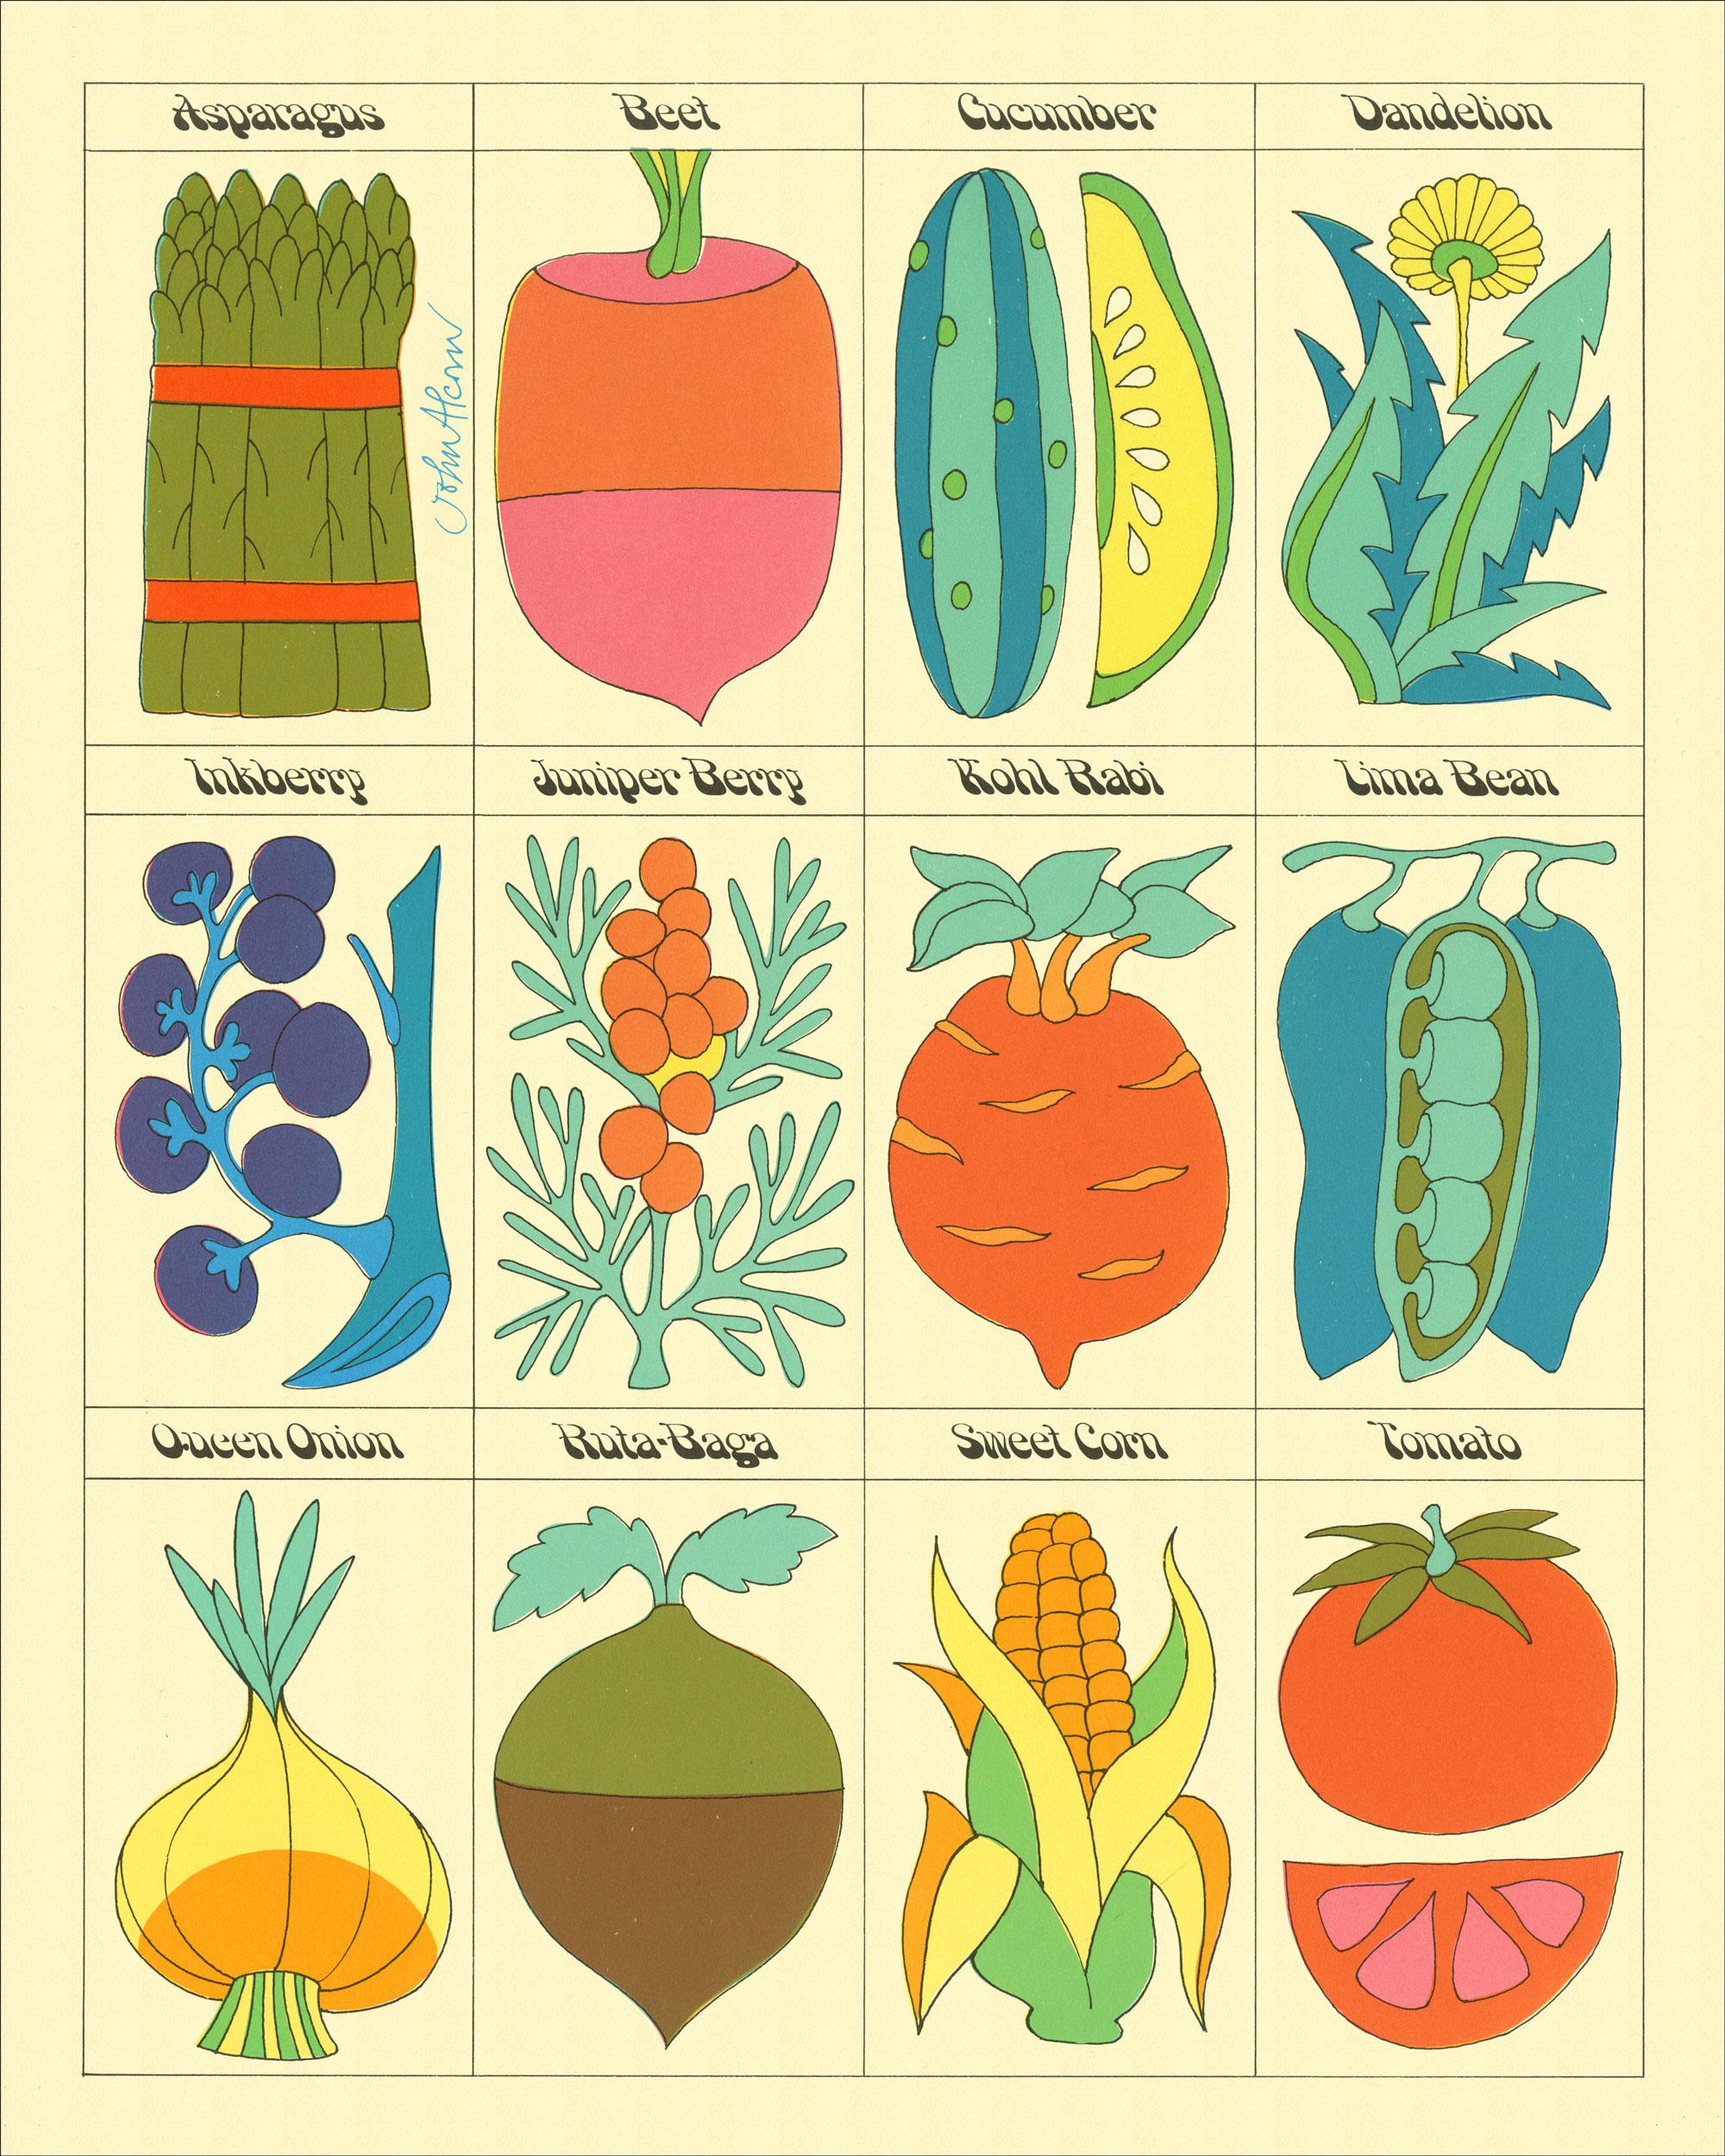 mof-veggies-1.jpg